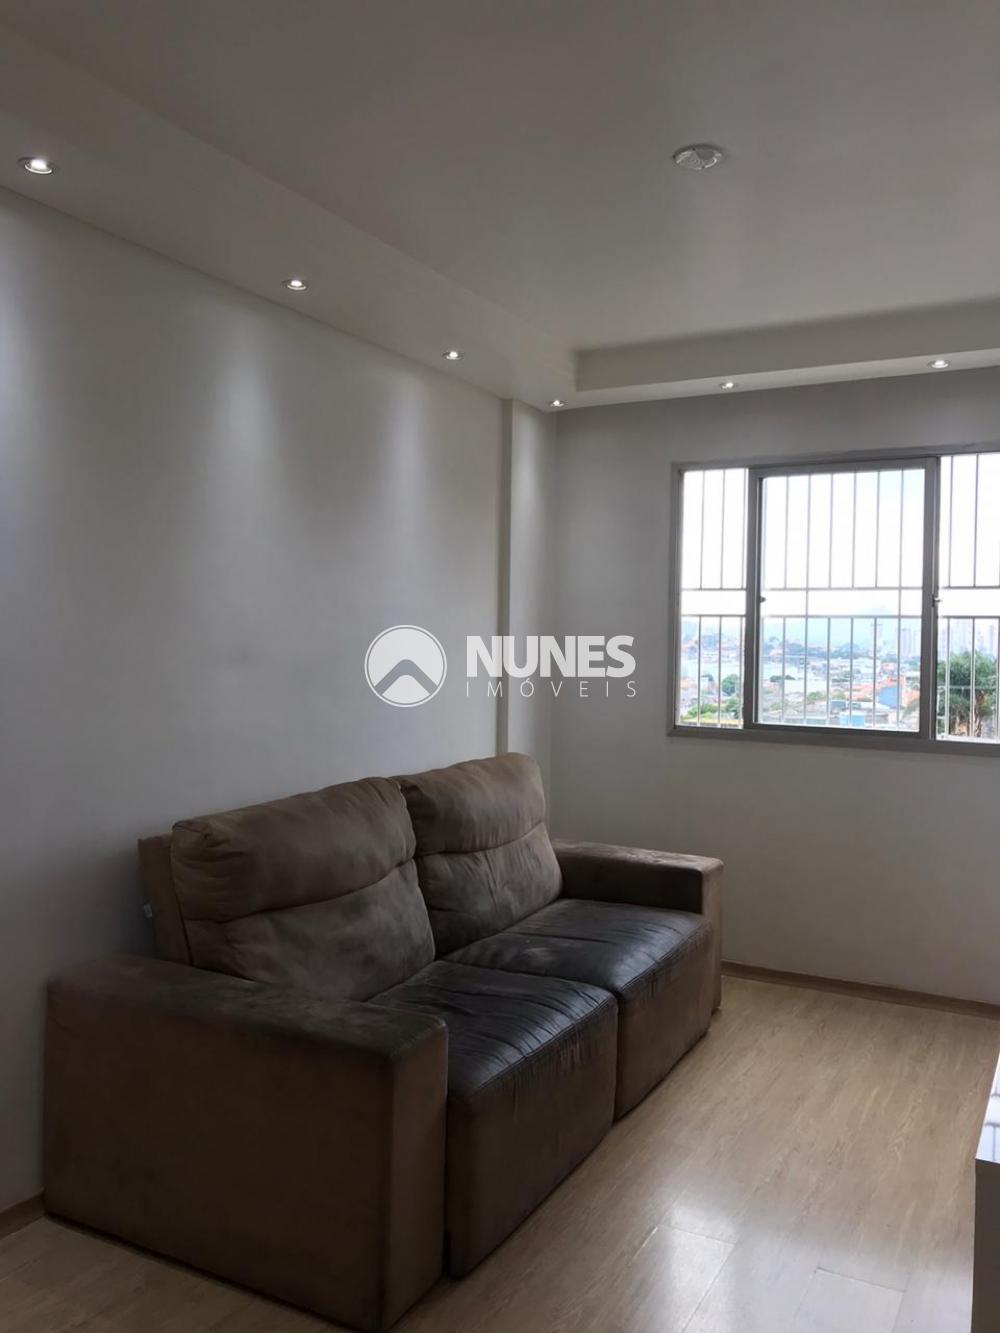 Comprar Apartamento / Padrão em Osasco apenas R$ 260.000,00 - Foto 4